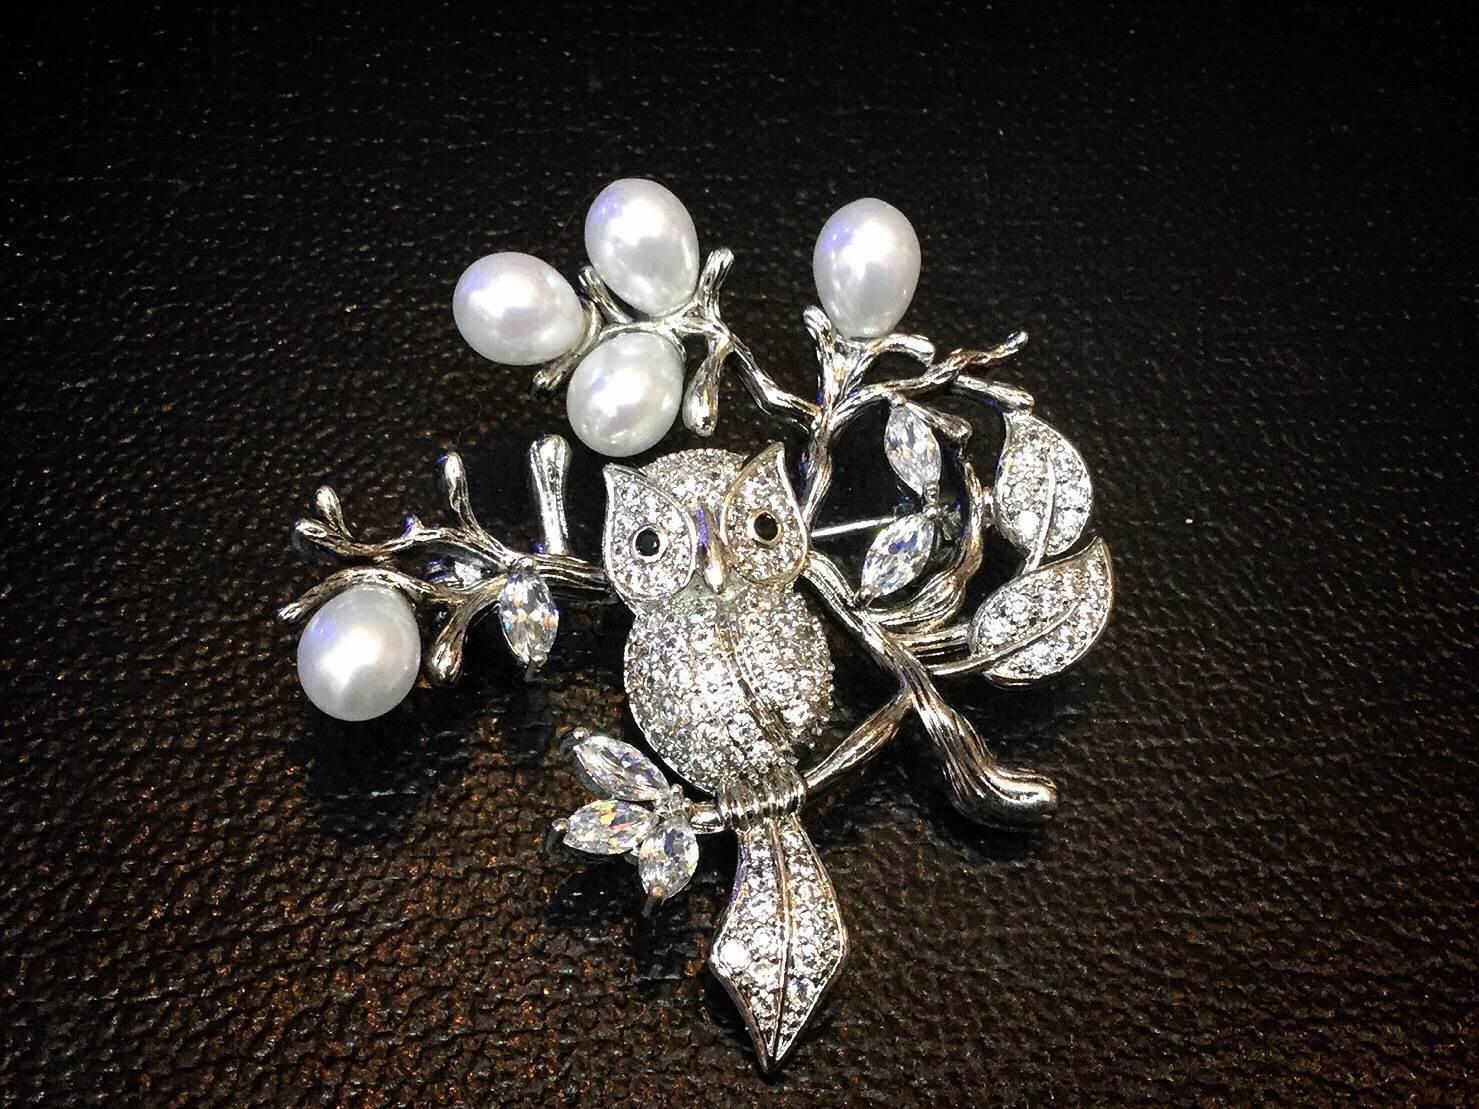 พร้อมส่ง Diamond Brooch เข็มกลัดเพชร